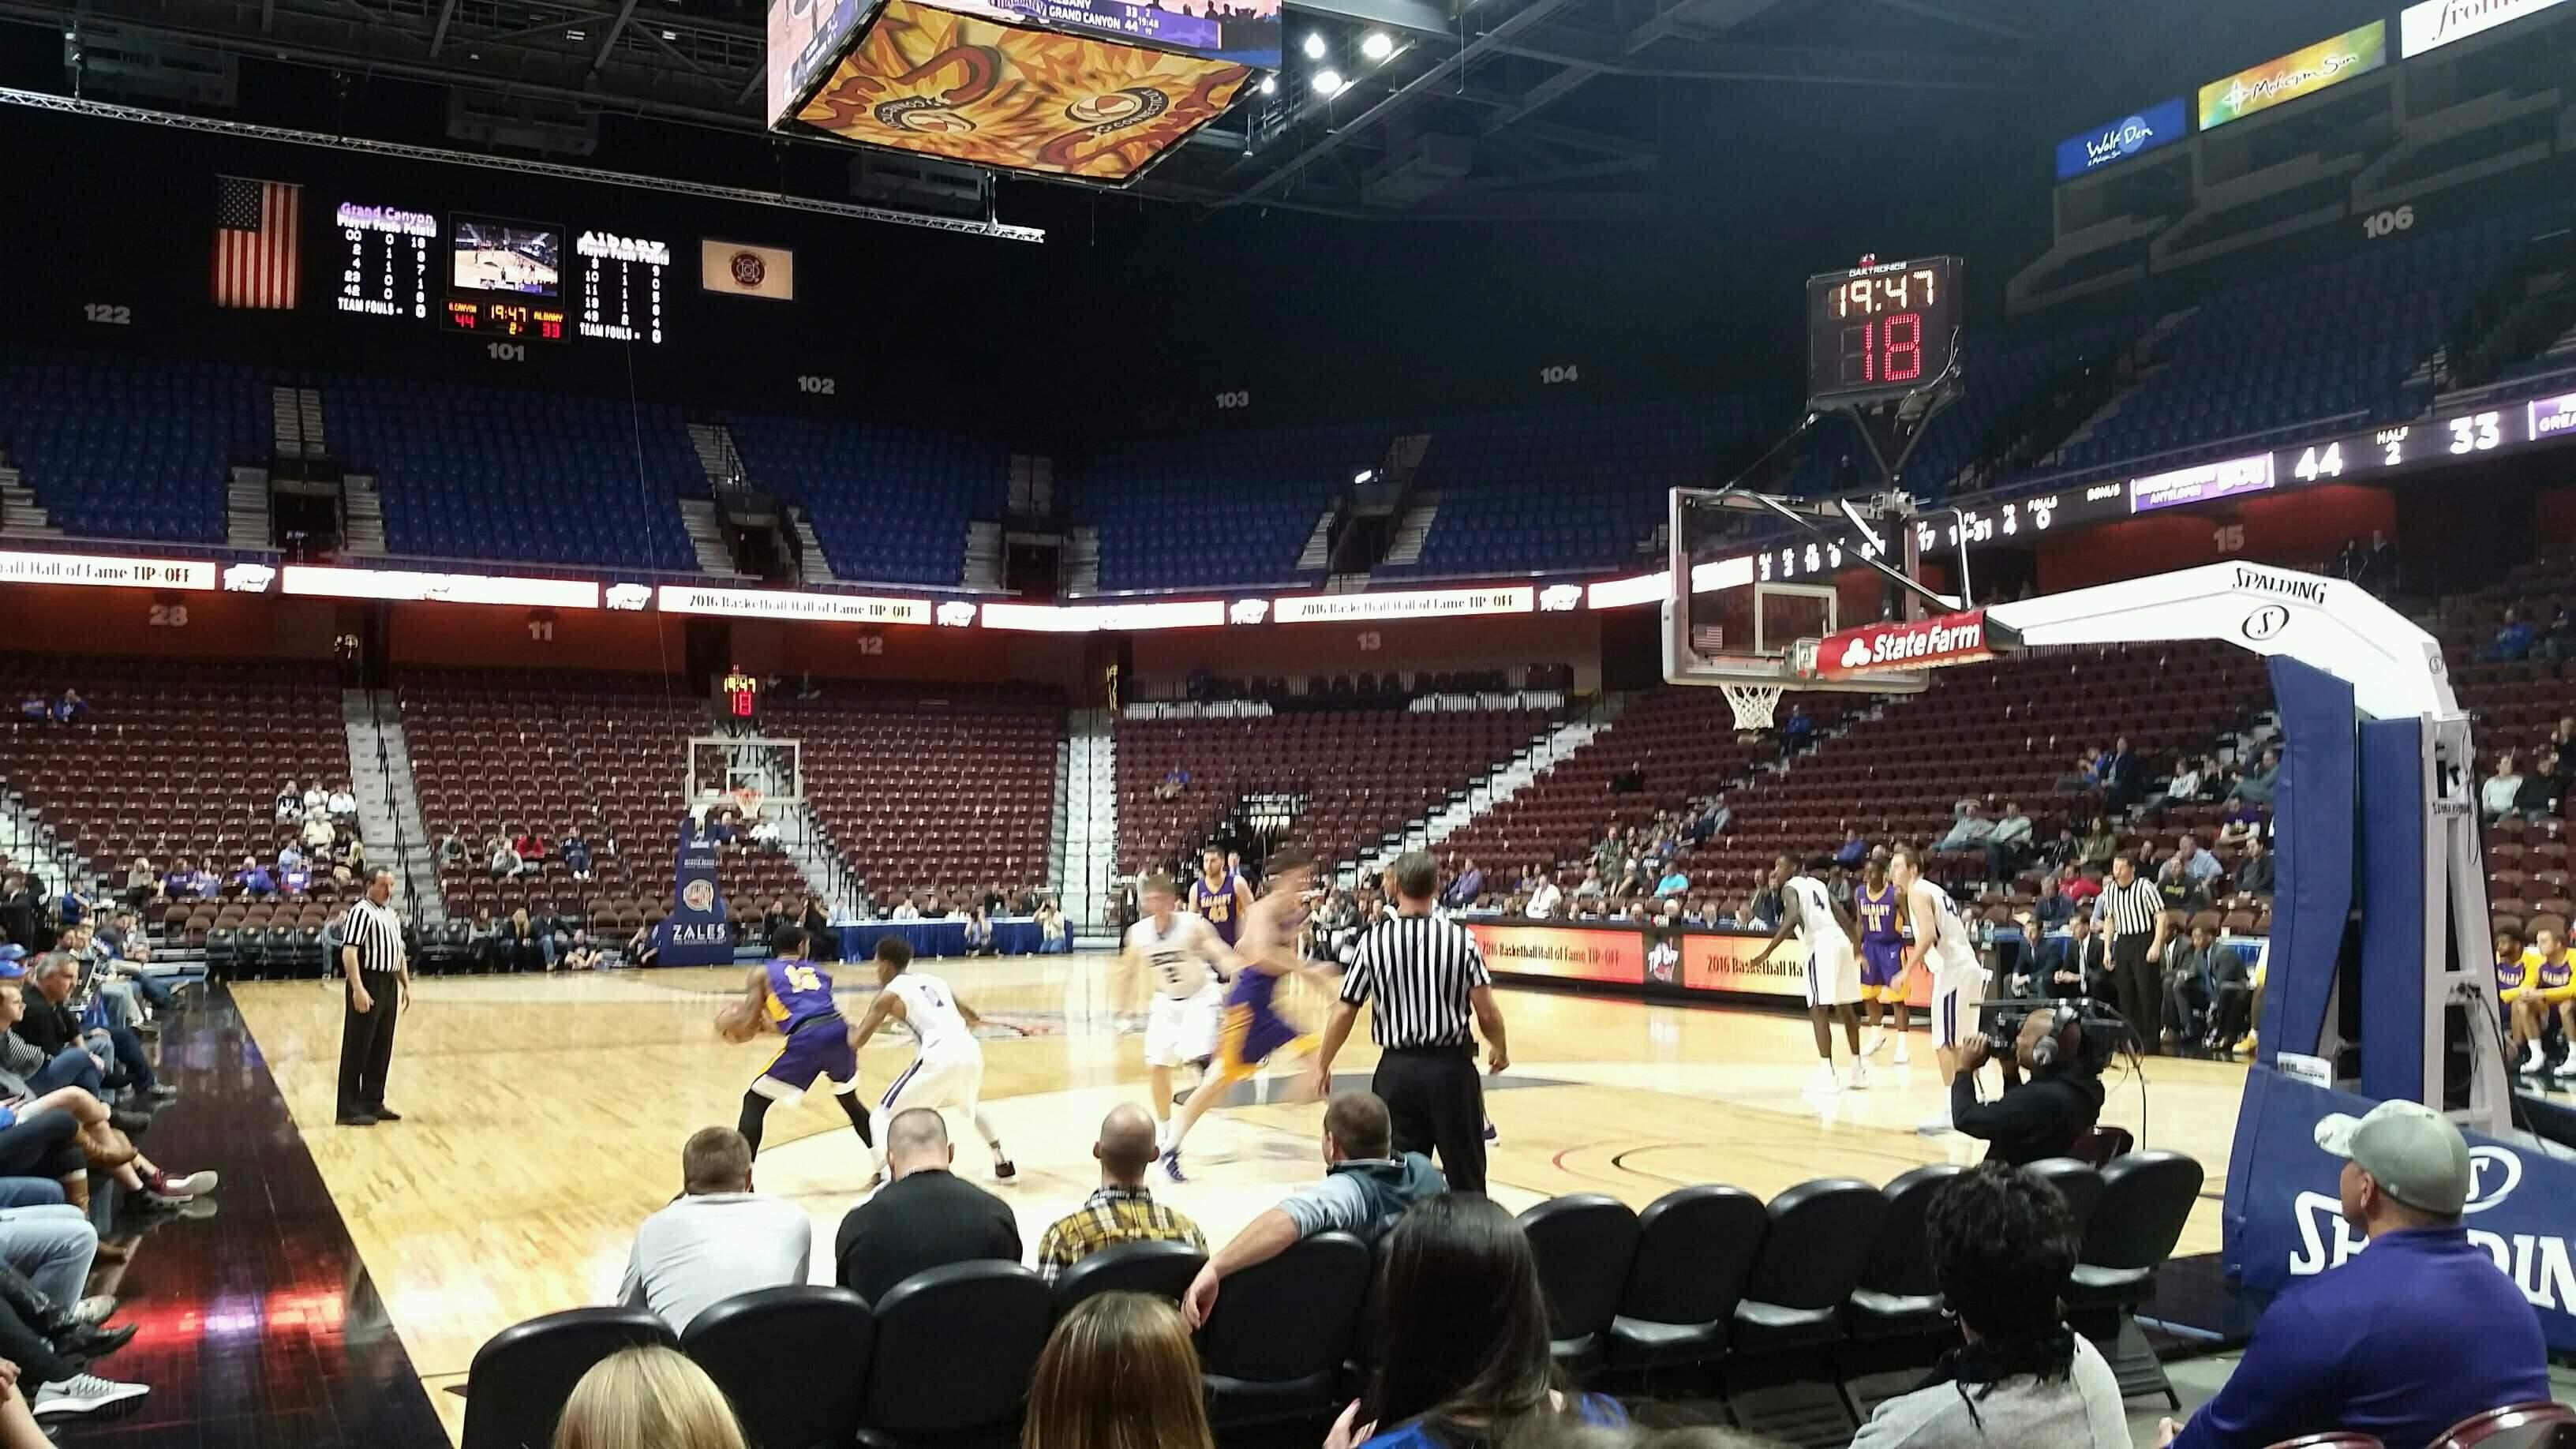 Mohegan Sun Arena Section 21 Row D Seat 7